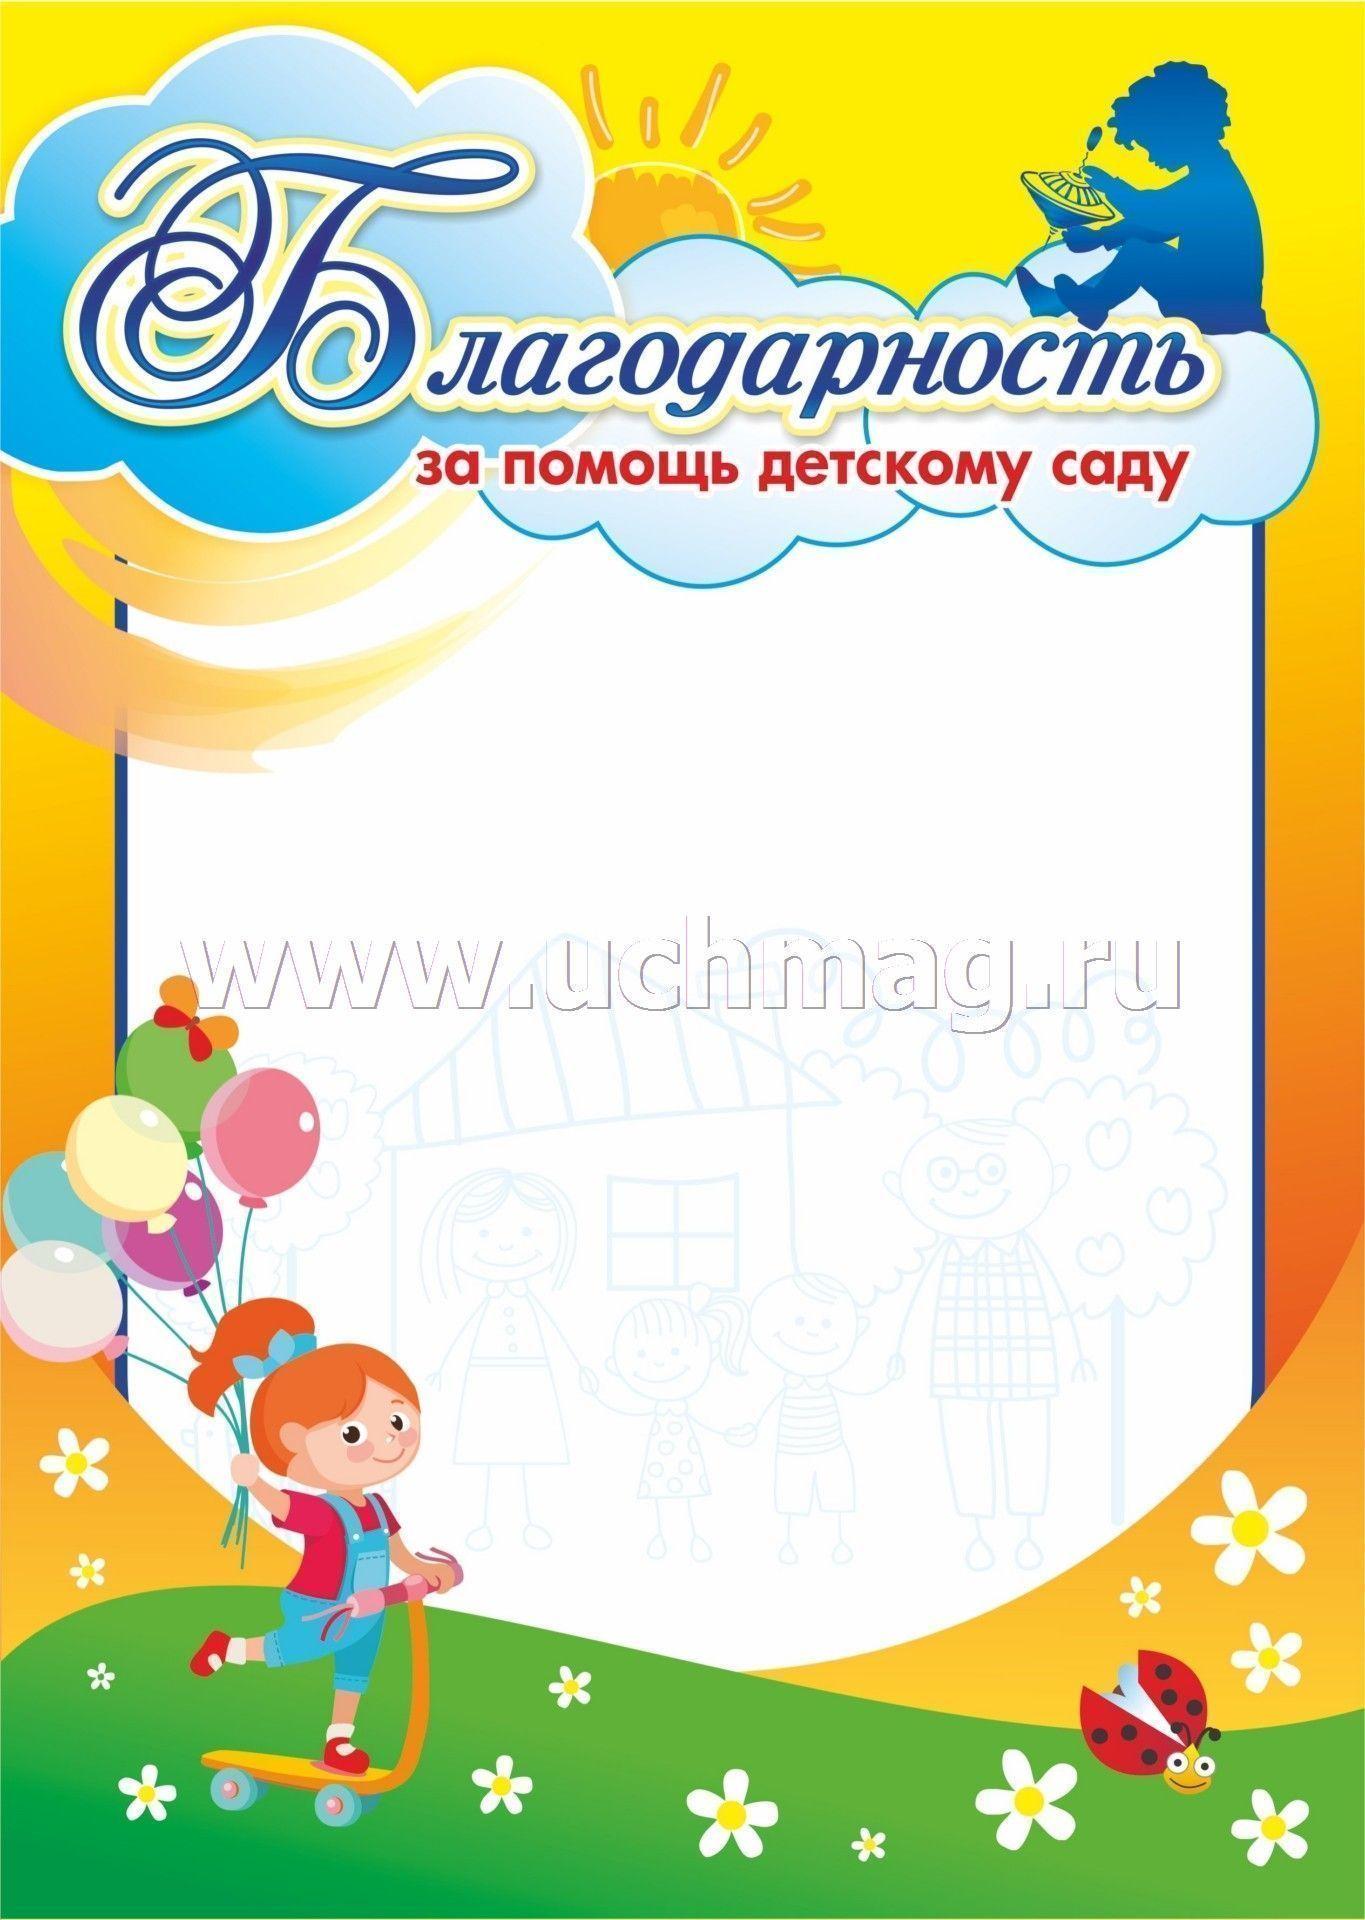 Благодарность для родителей в детском саду в картинках 12